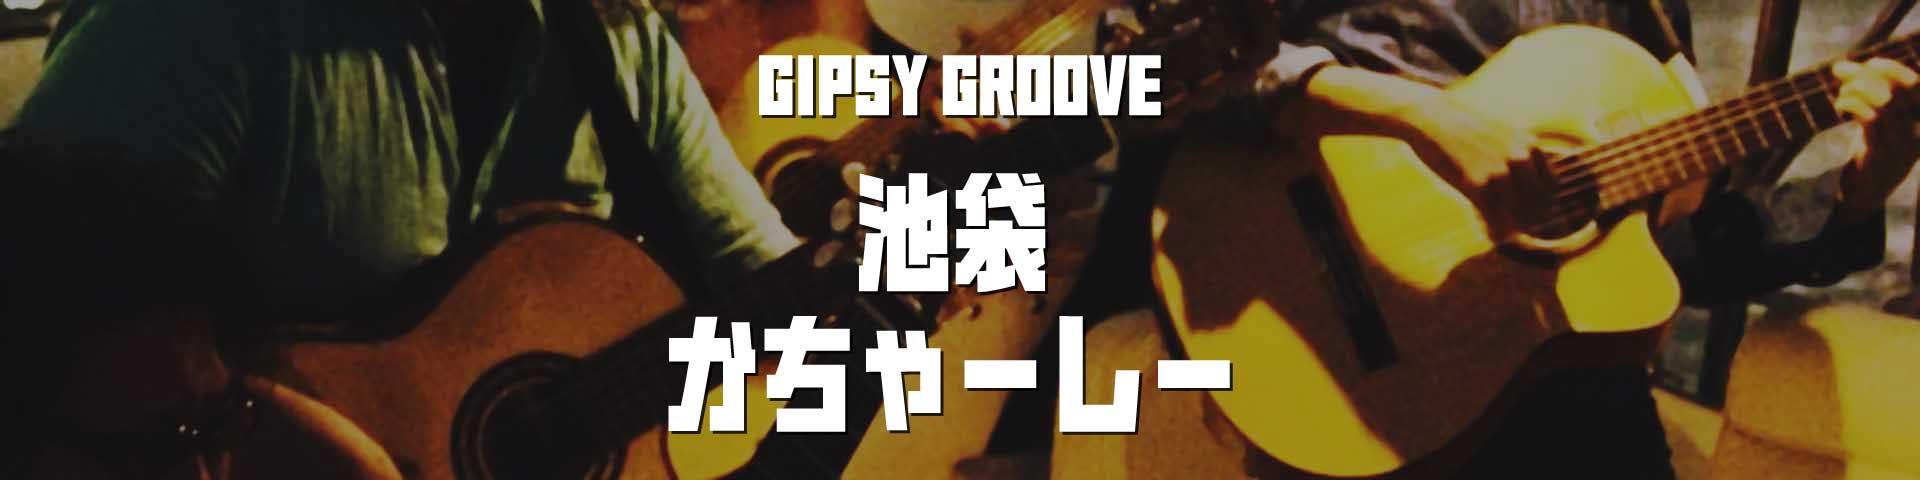 GIPSY GROOVE 池袋かちゃーしー